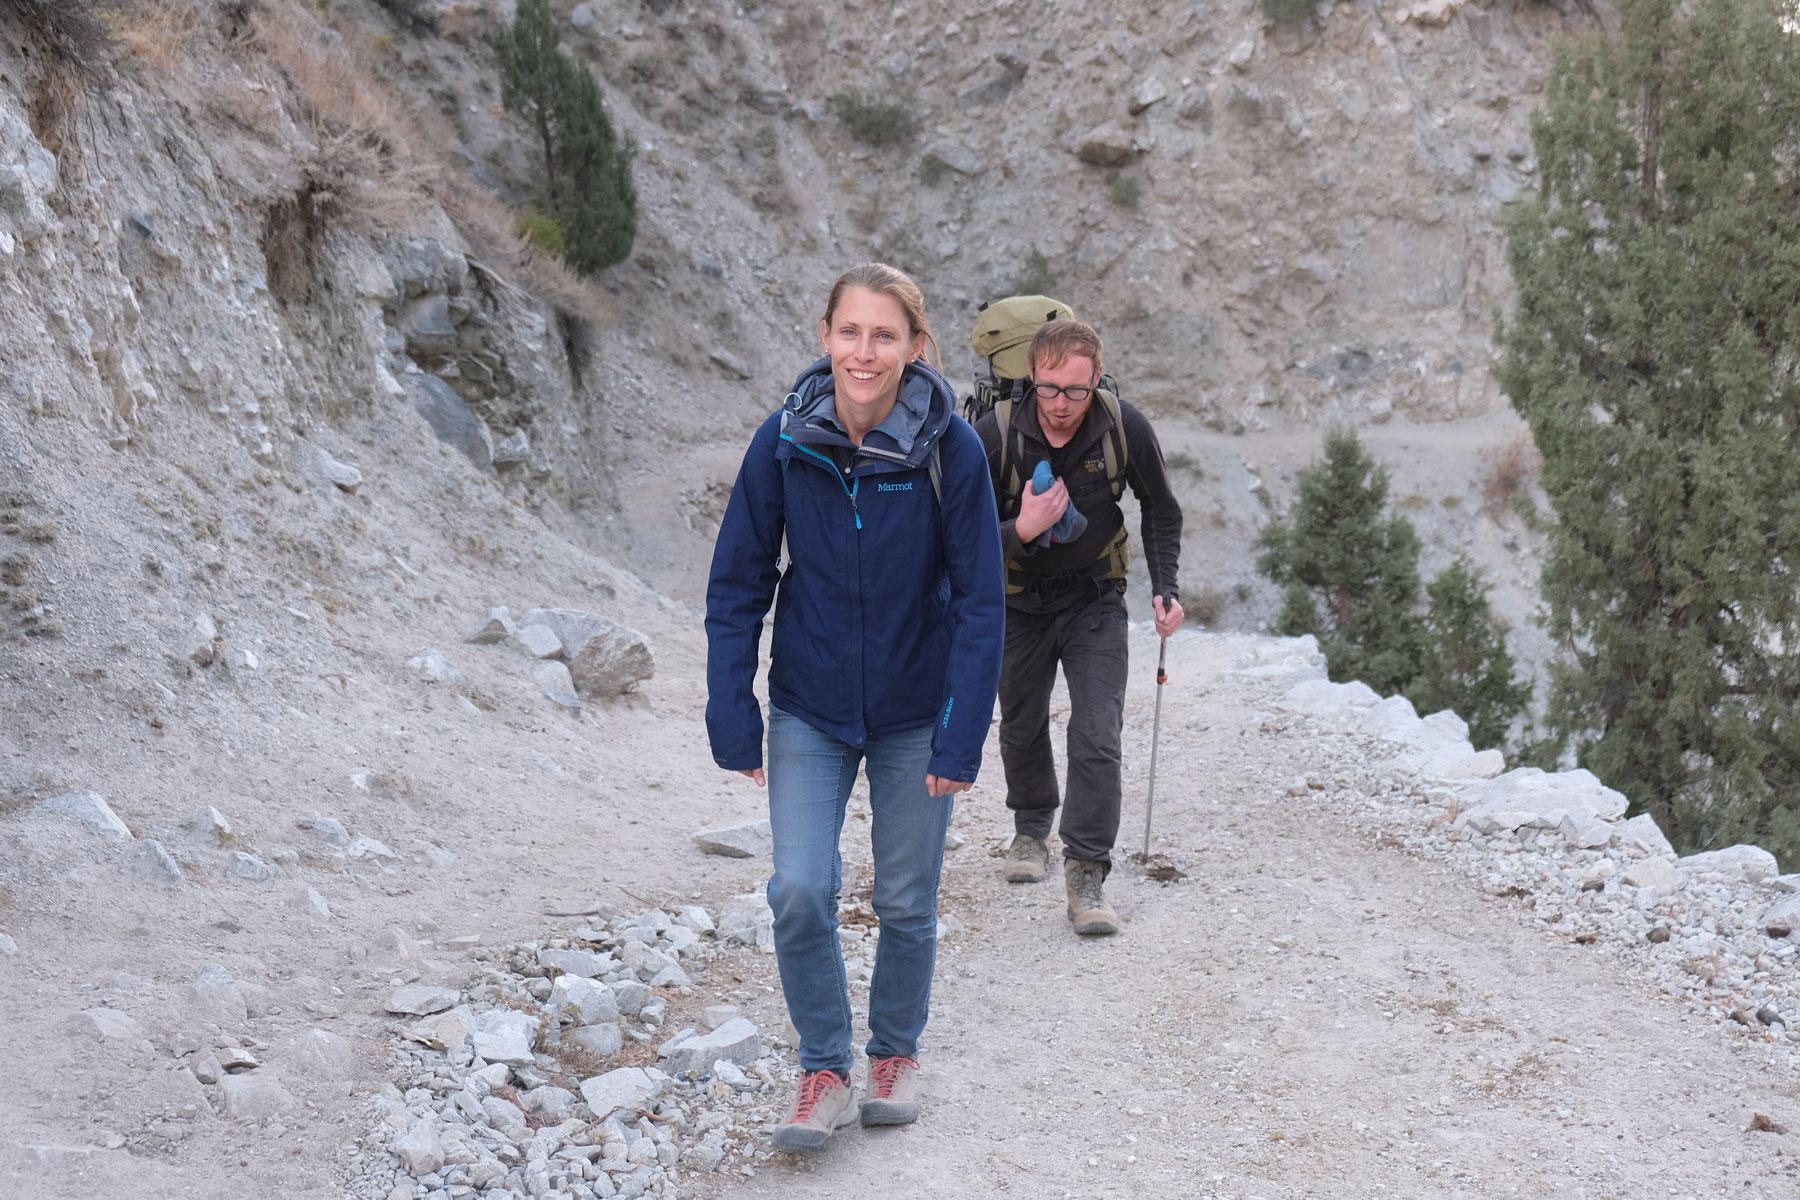 Leo wandert au einem Weg im Karakorumgebirge.